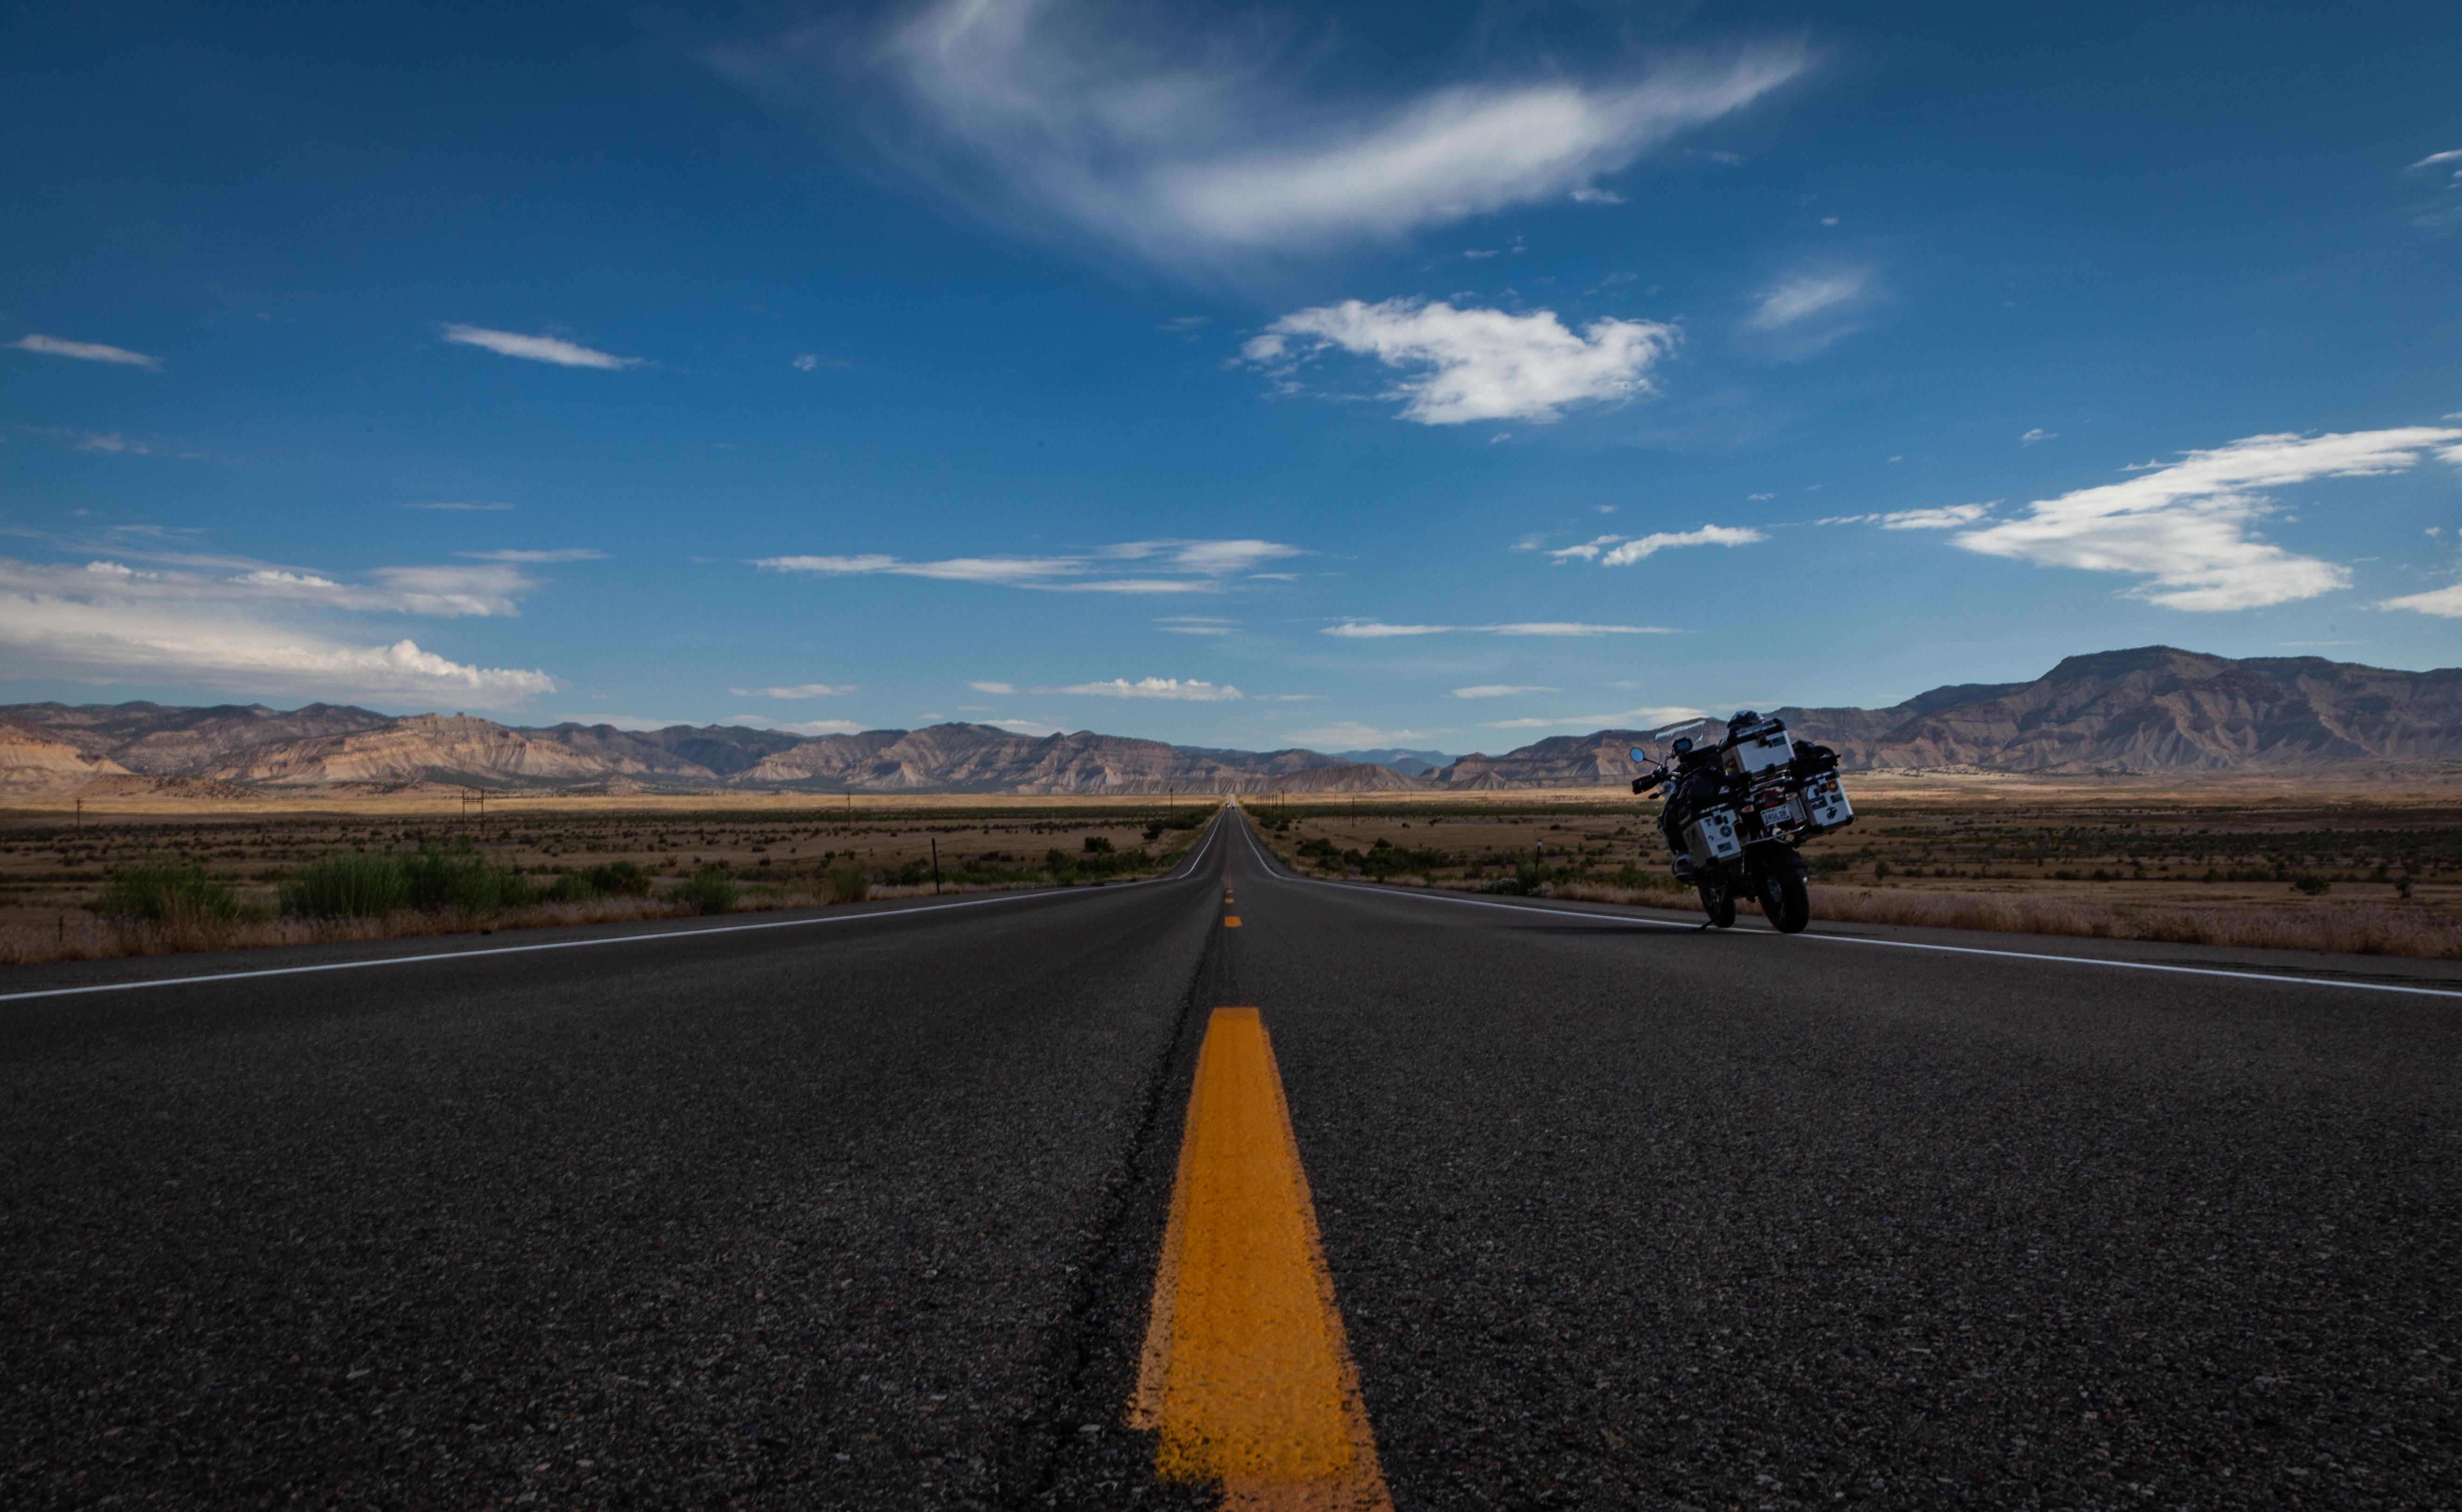 The road to Utah.